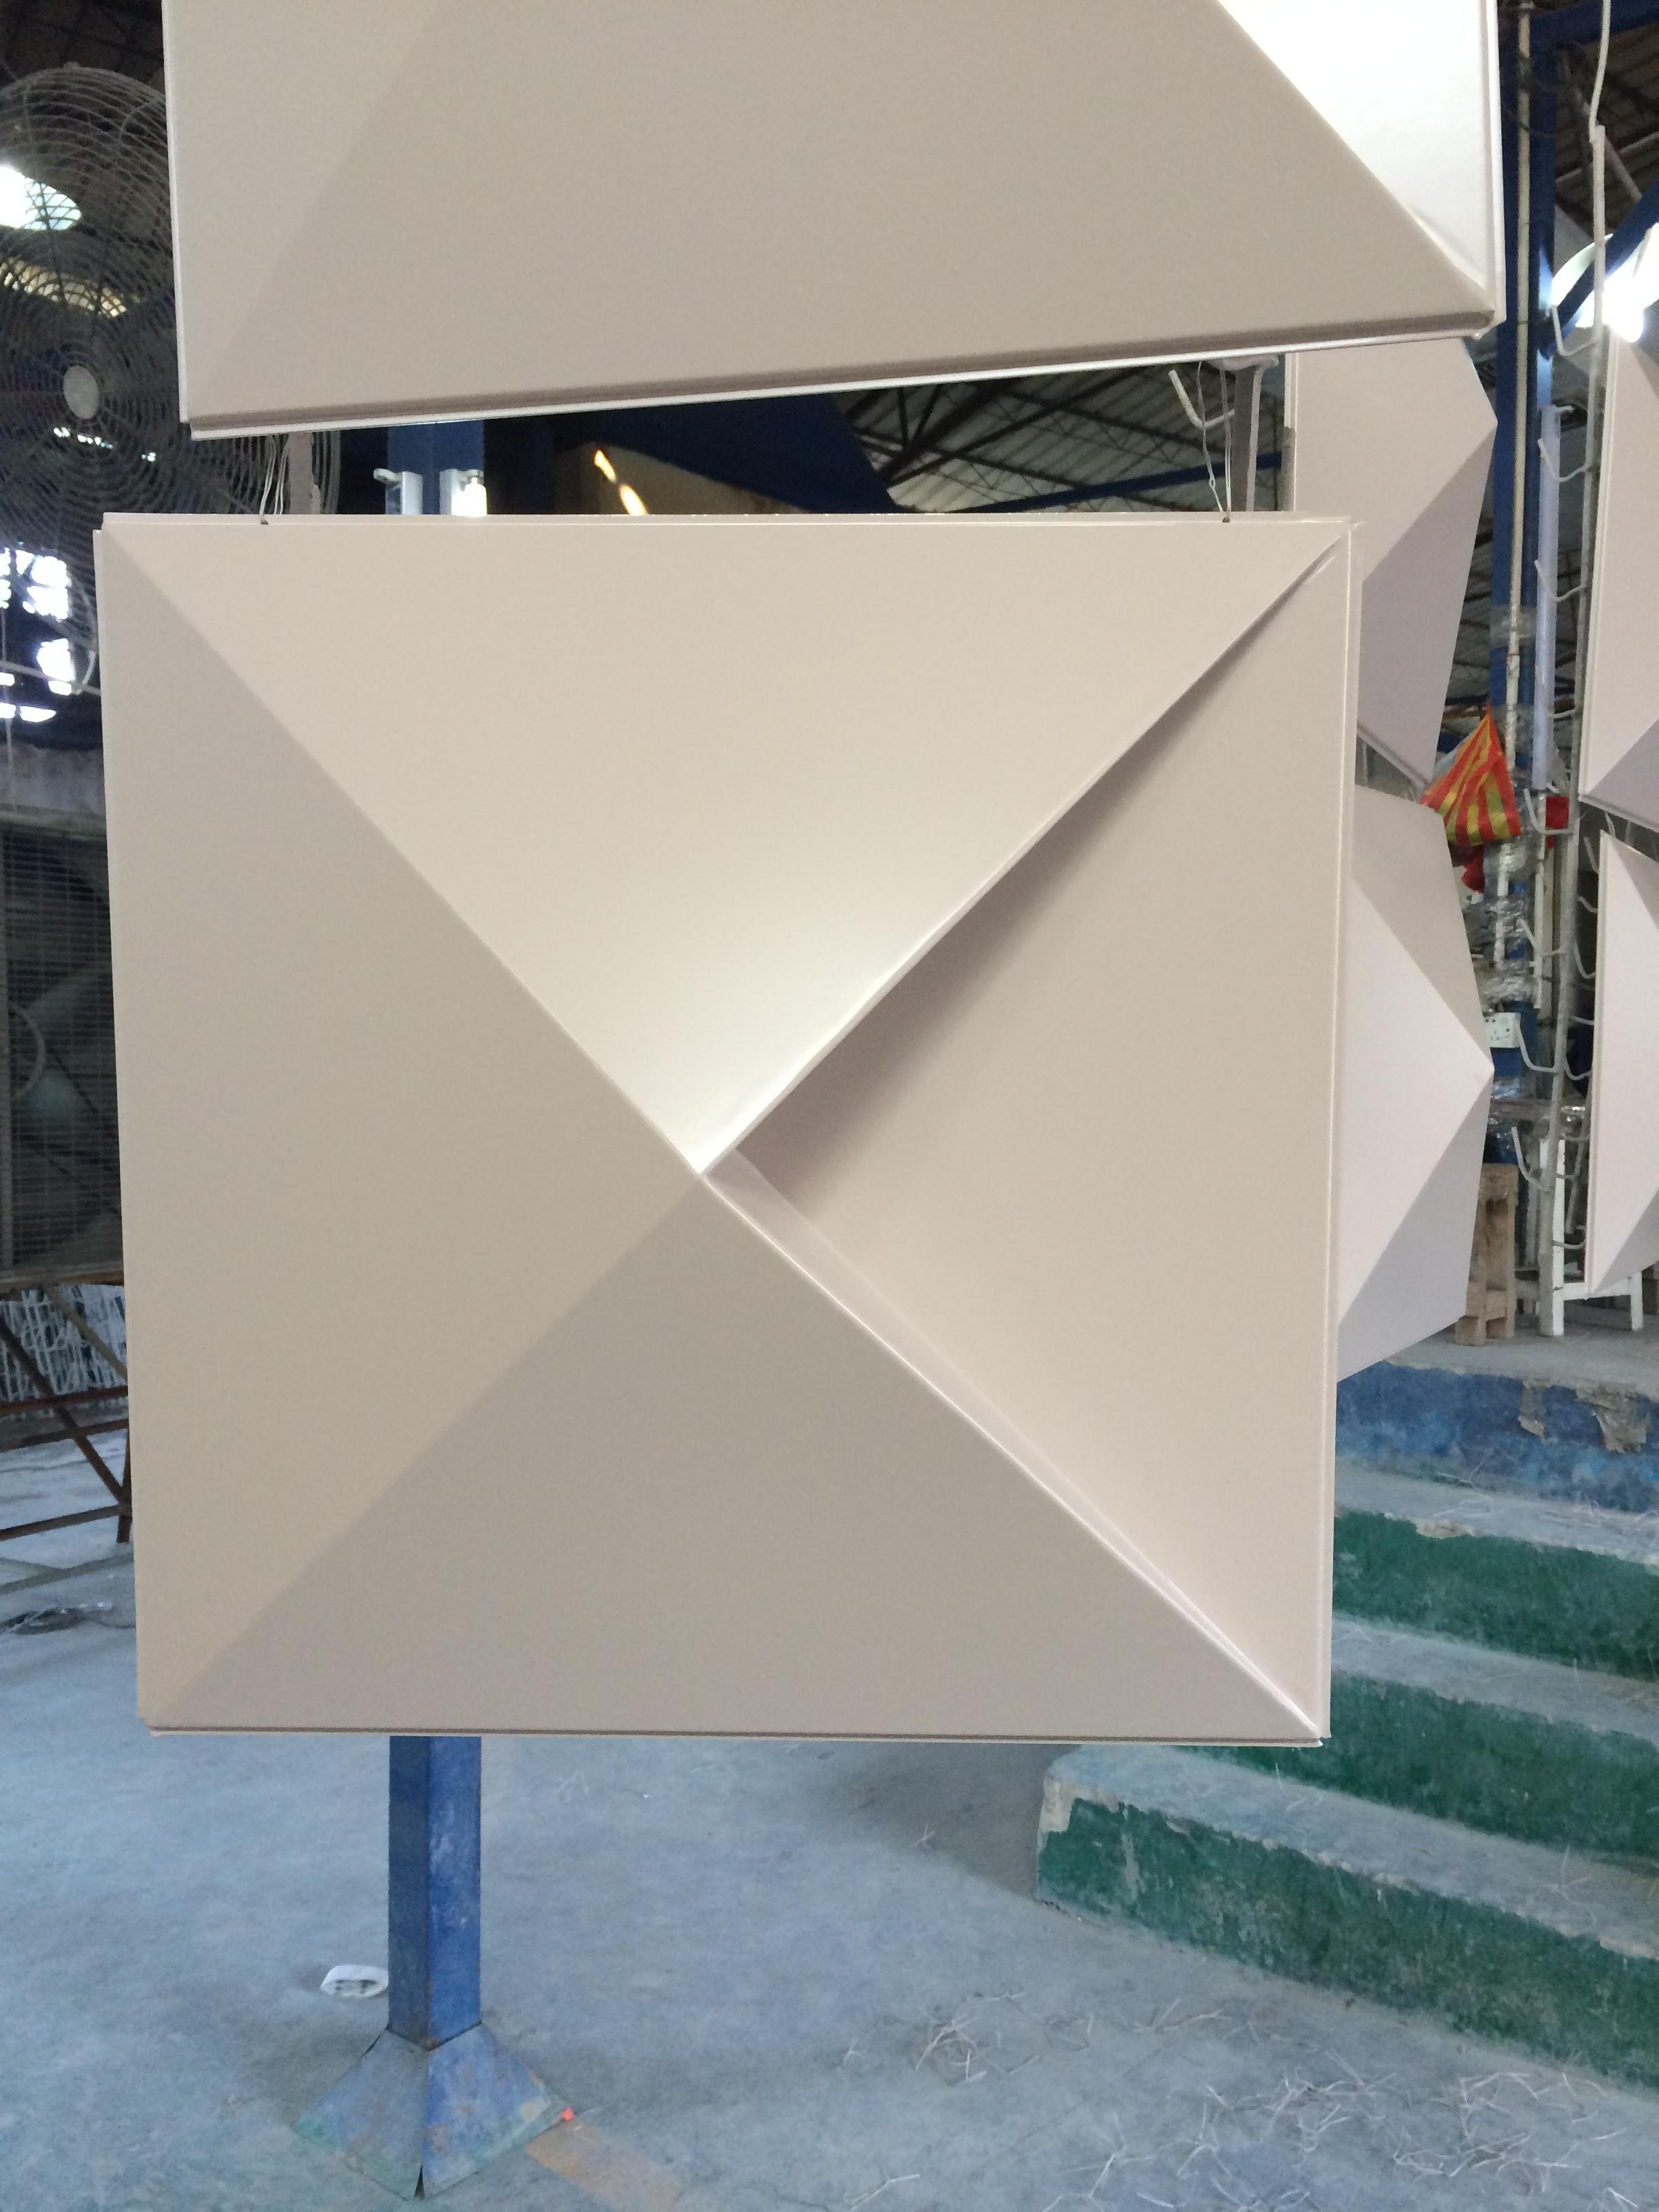 華美良質な六角形板天井天然痘カスタム三角形打抜きアルミ1.5mm厚アルミメーカー